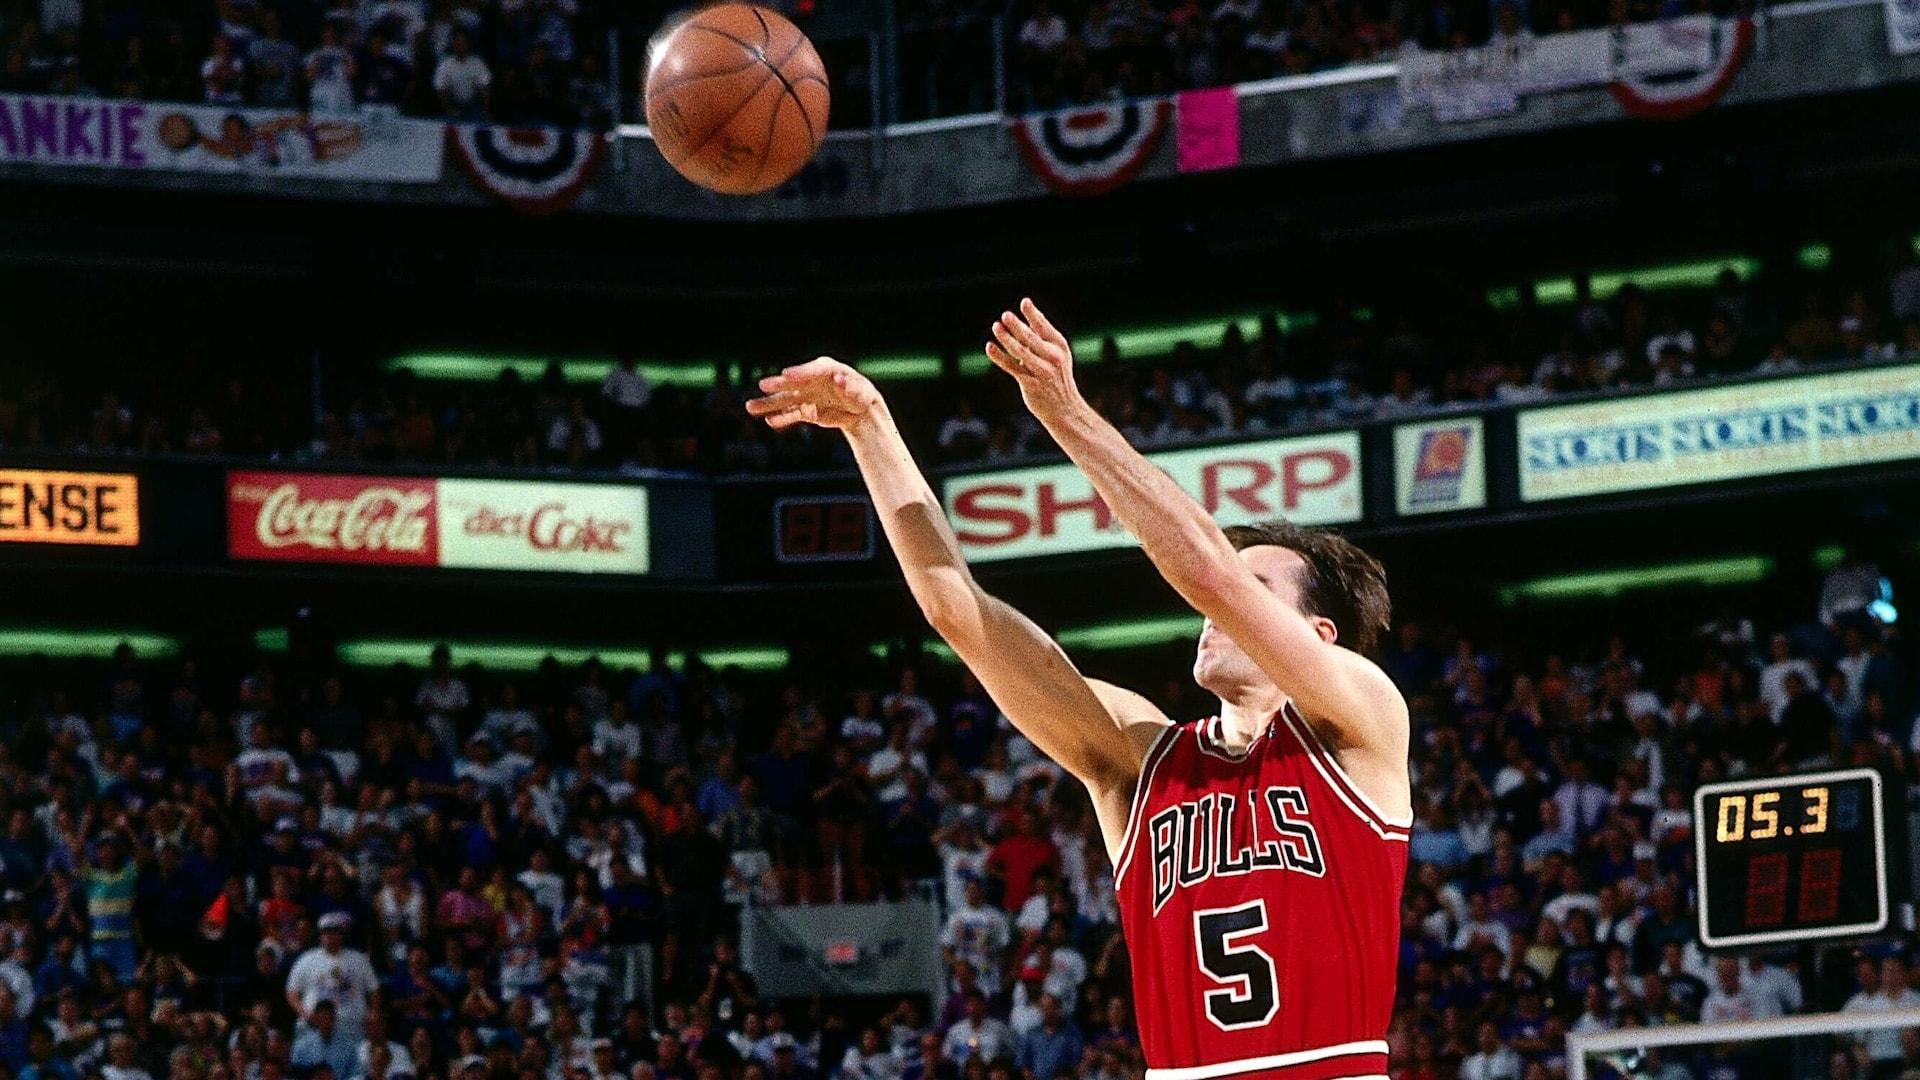 Top NBA Finals moments: John Paxson's 3-pointer seals three-peat for Bulls